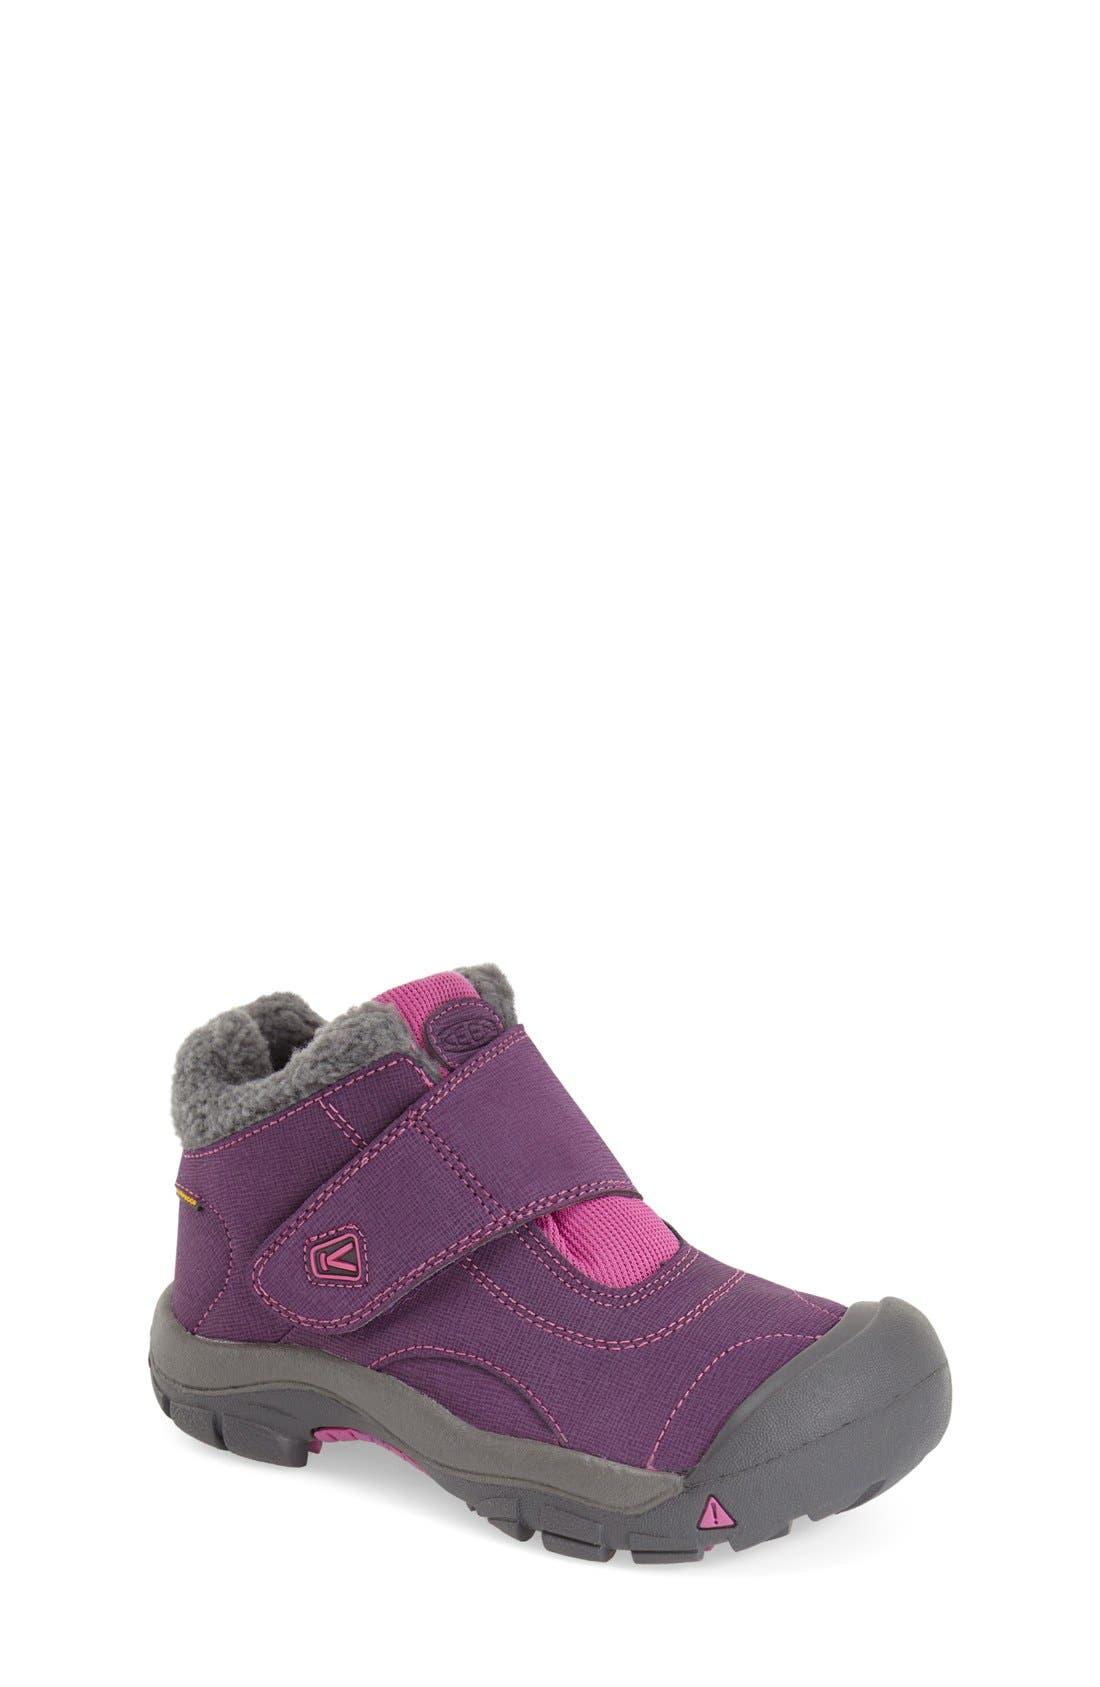 Alternate Image 1 Selected - Keen 'Kootenay' Waterproof Winter Boot (Walker, Toddler, Little Kid & Big Kid)